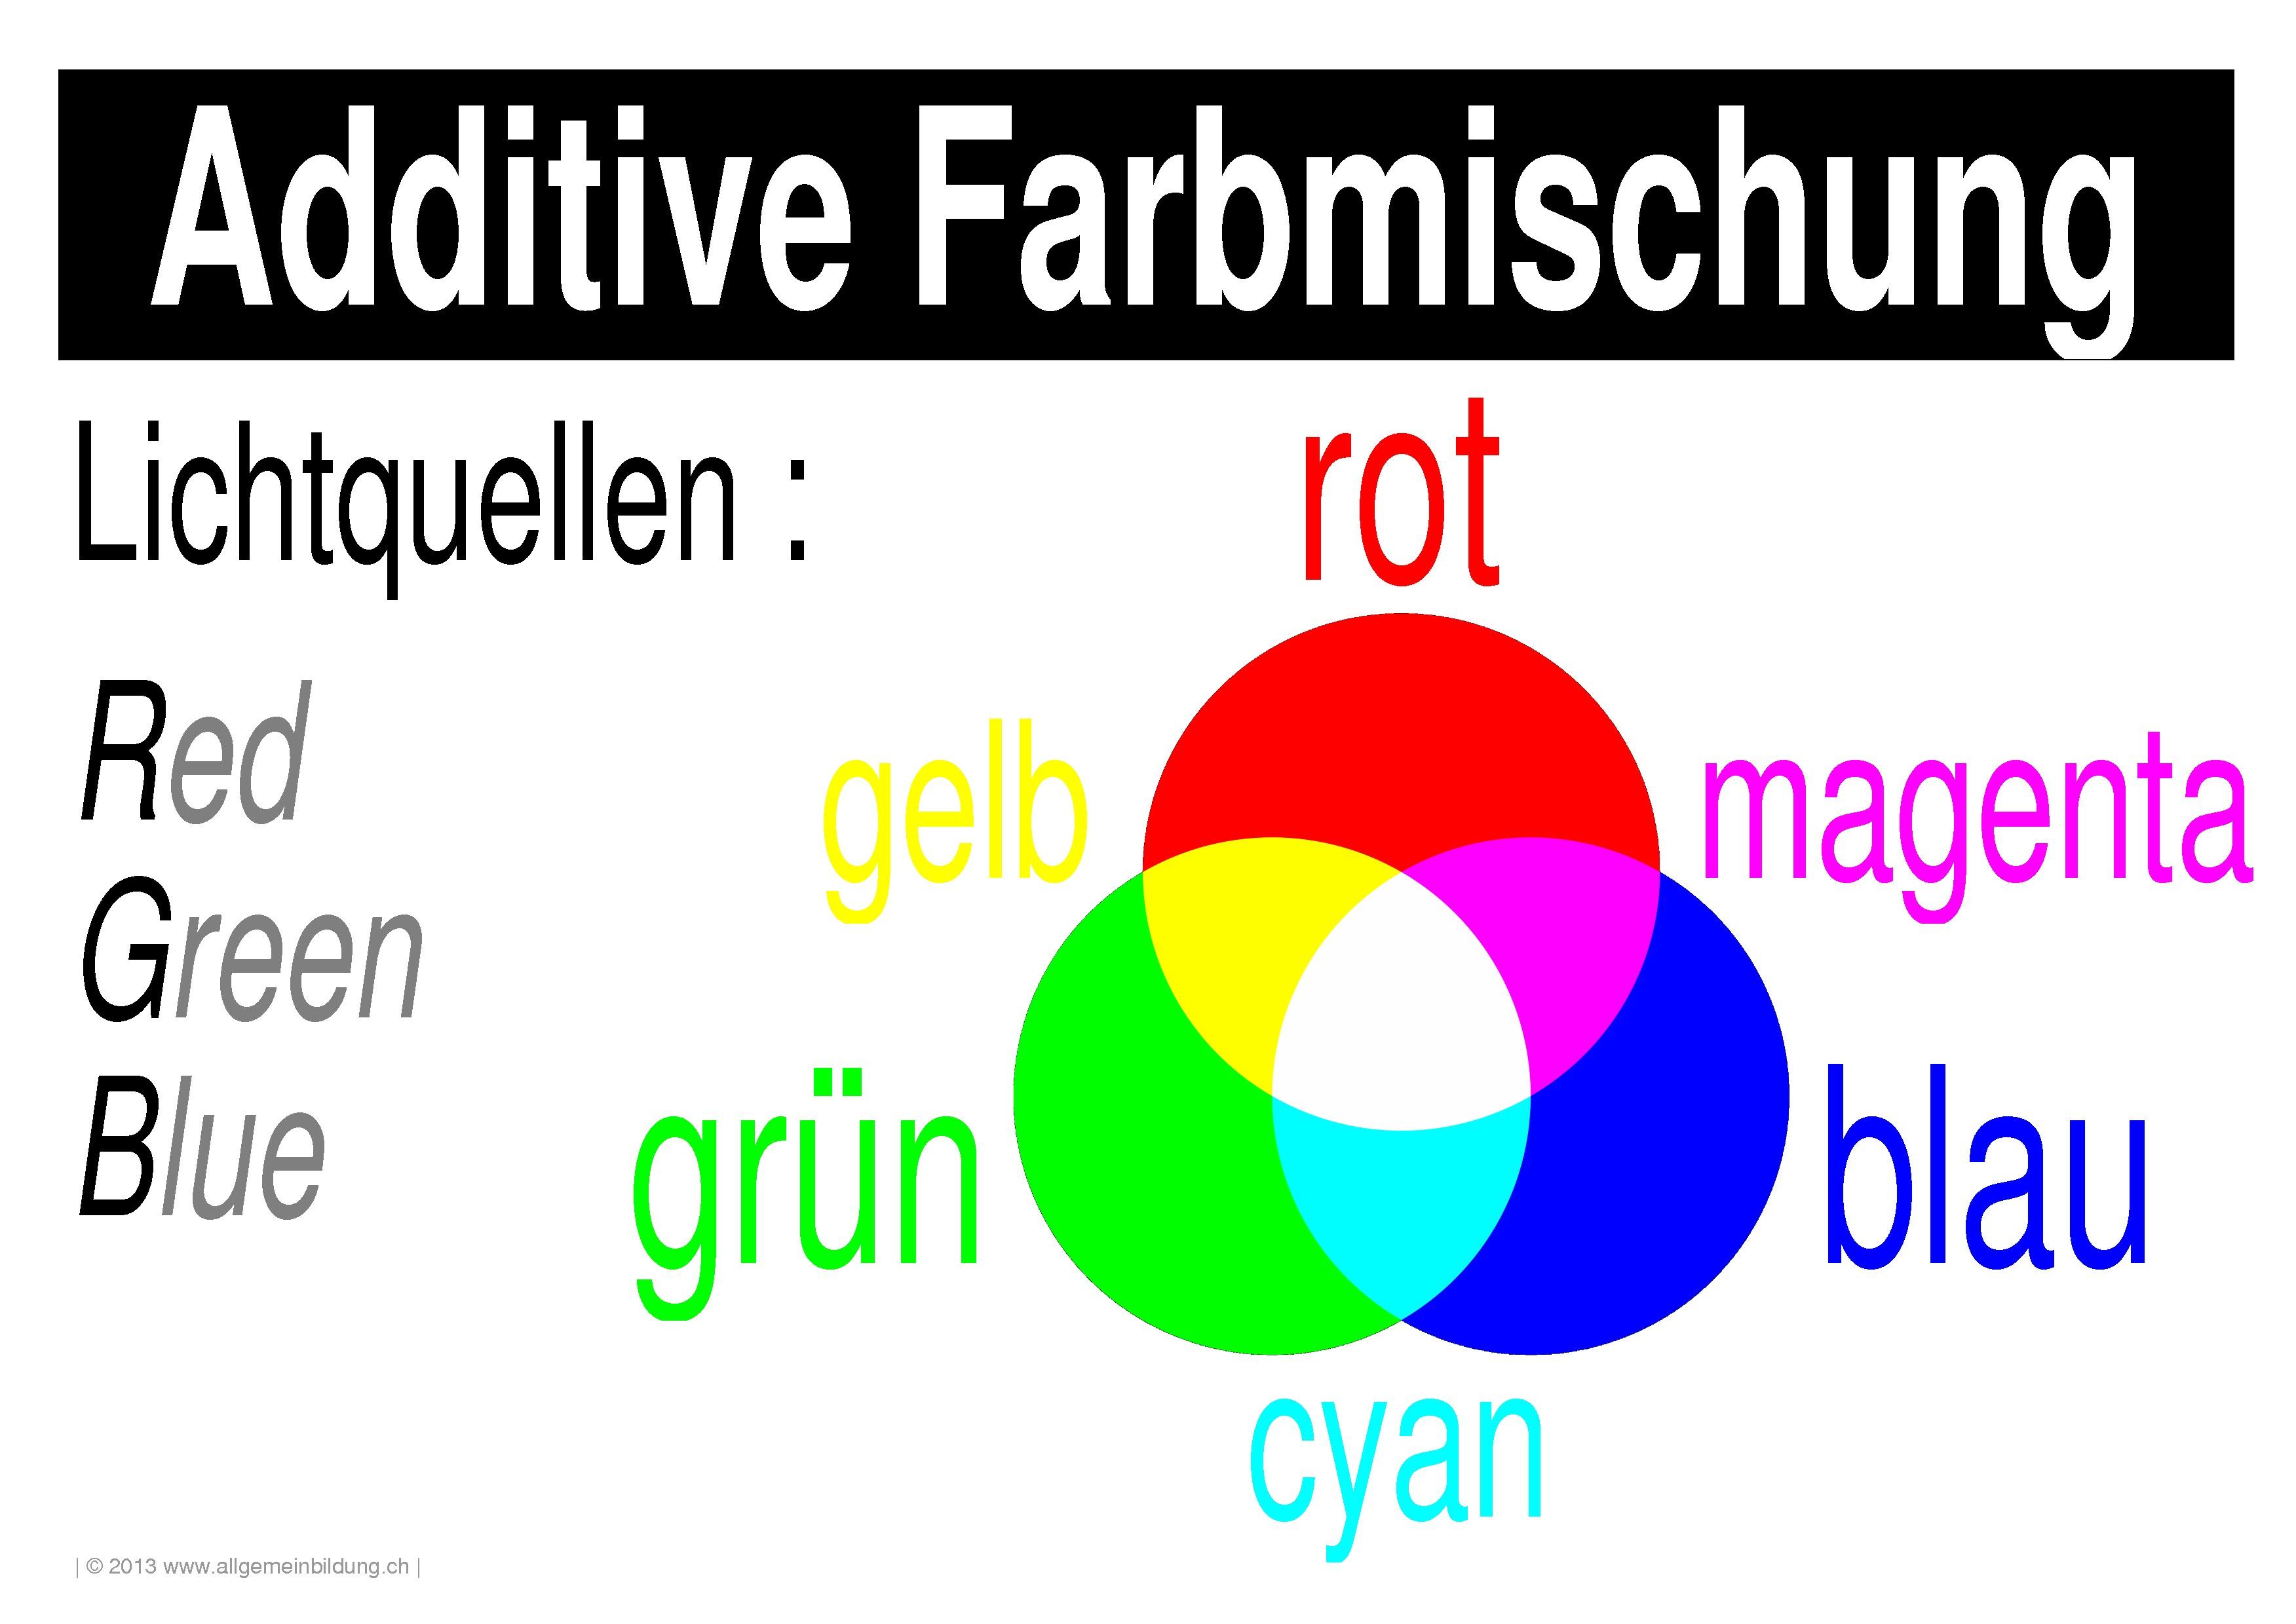 Famous Farbmischung Arbeitsblatt Pictures - Kindergarten ...